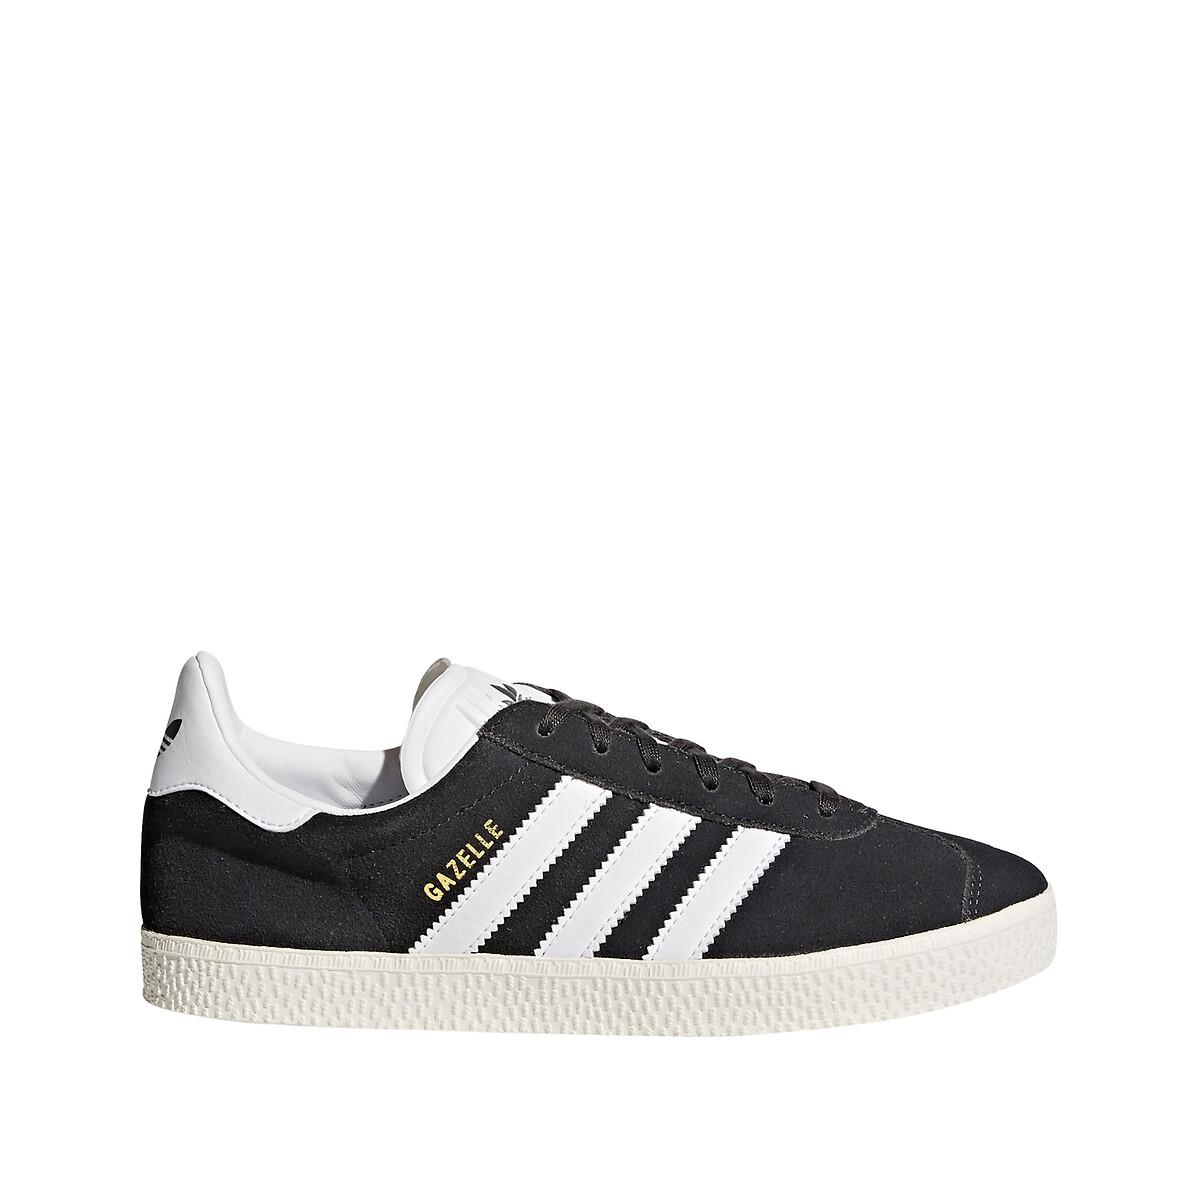 Adidas Originals Sapatilhas Gazelle